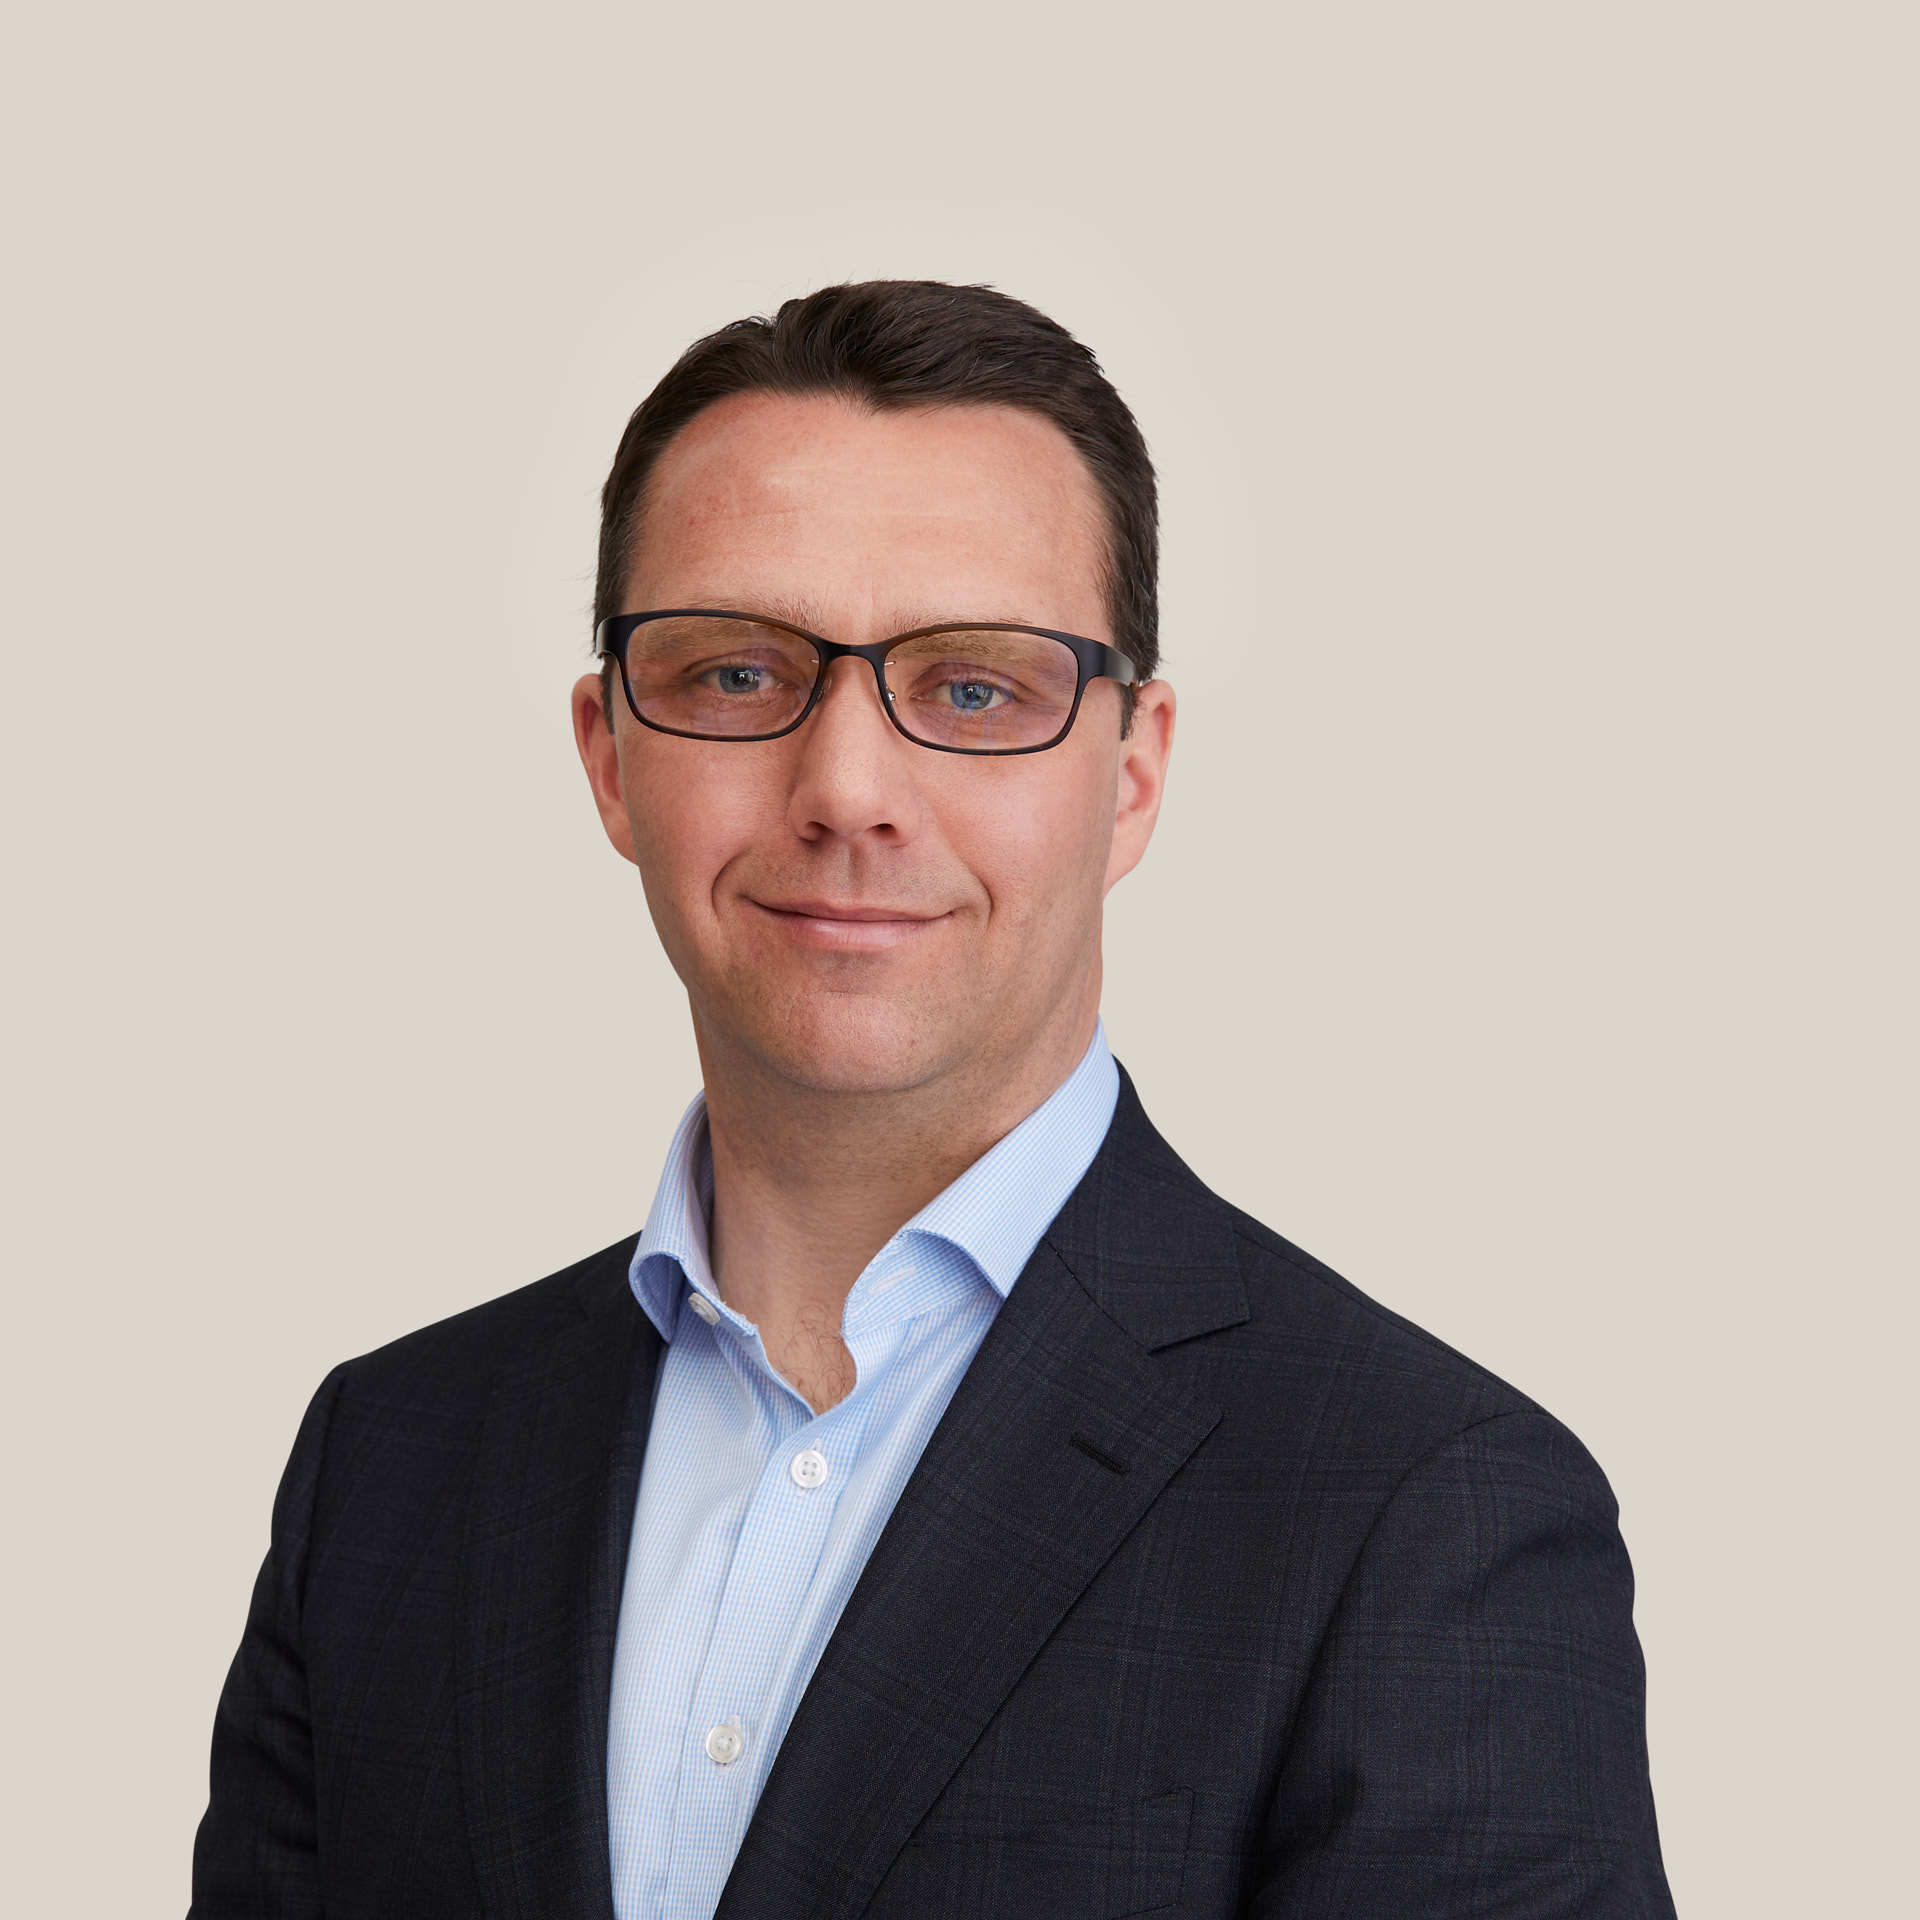 Pete Lawley